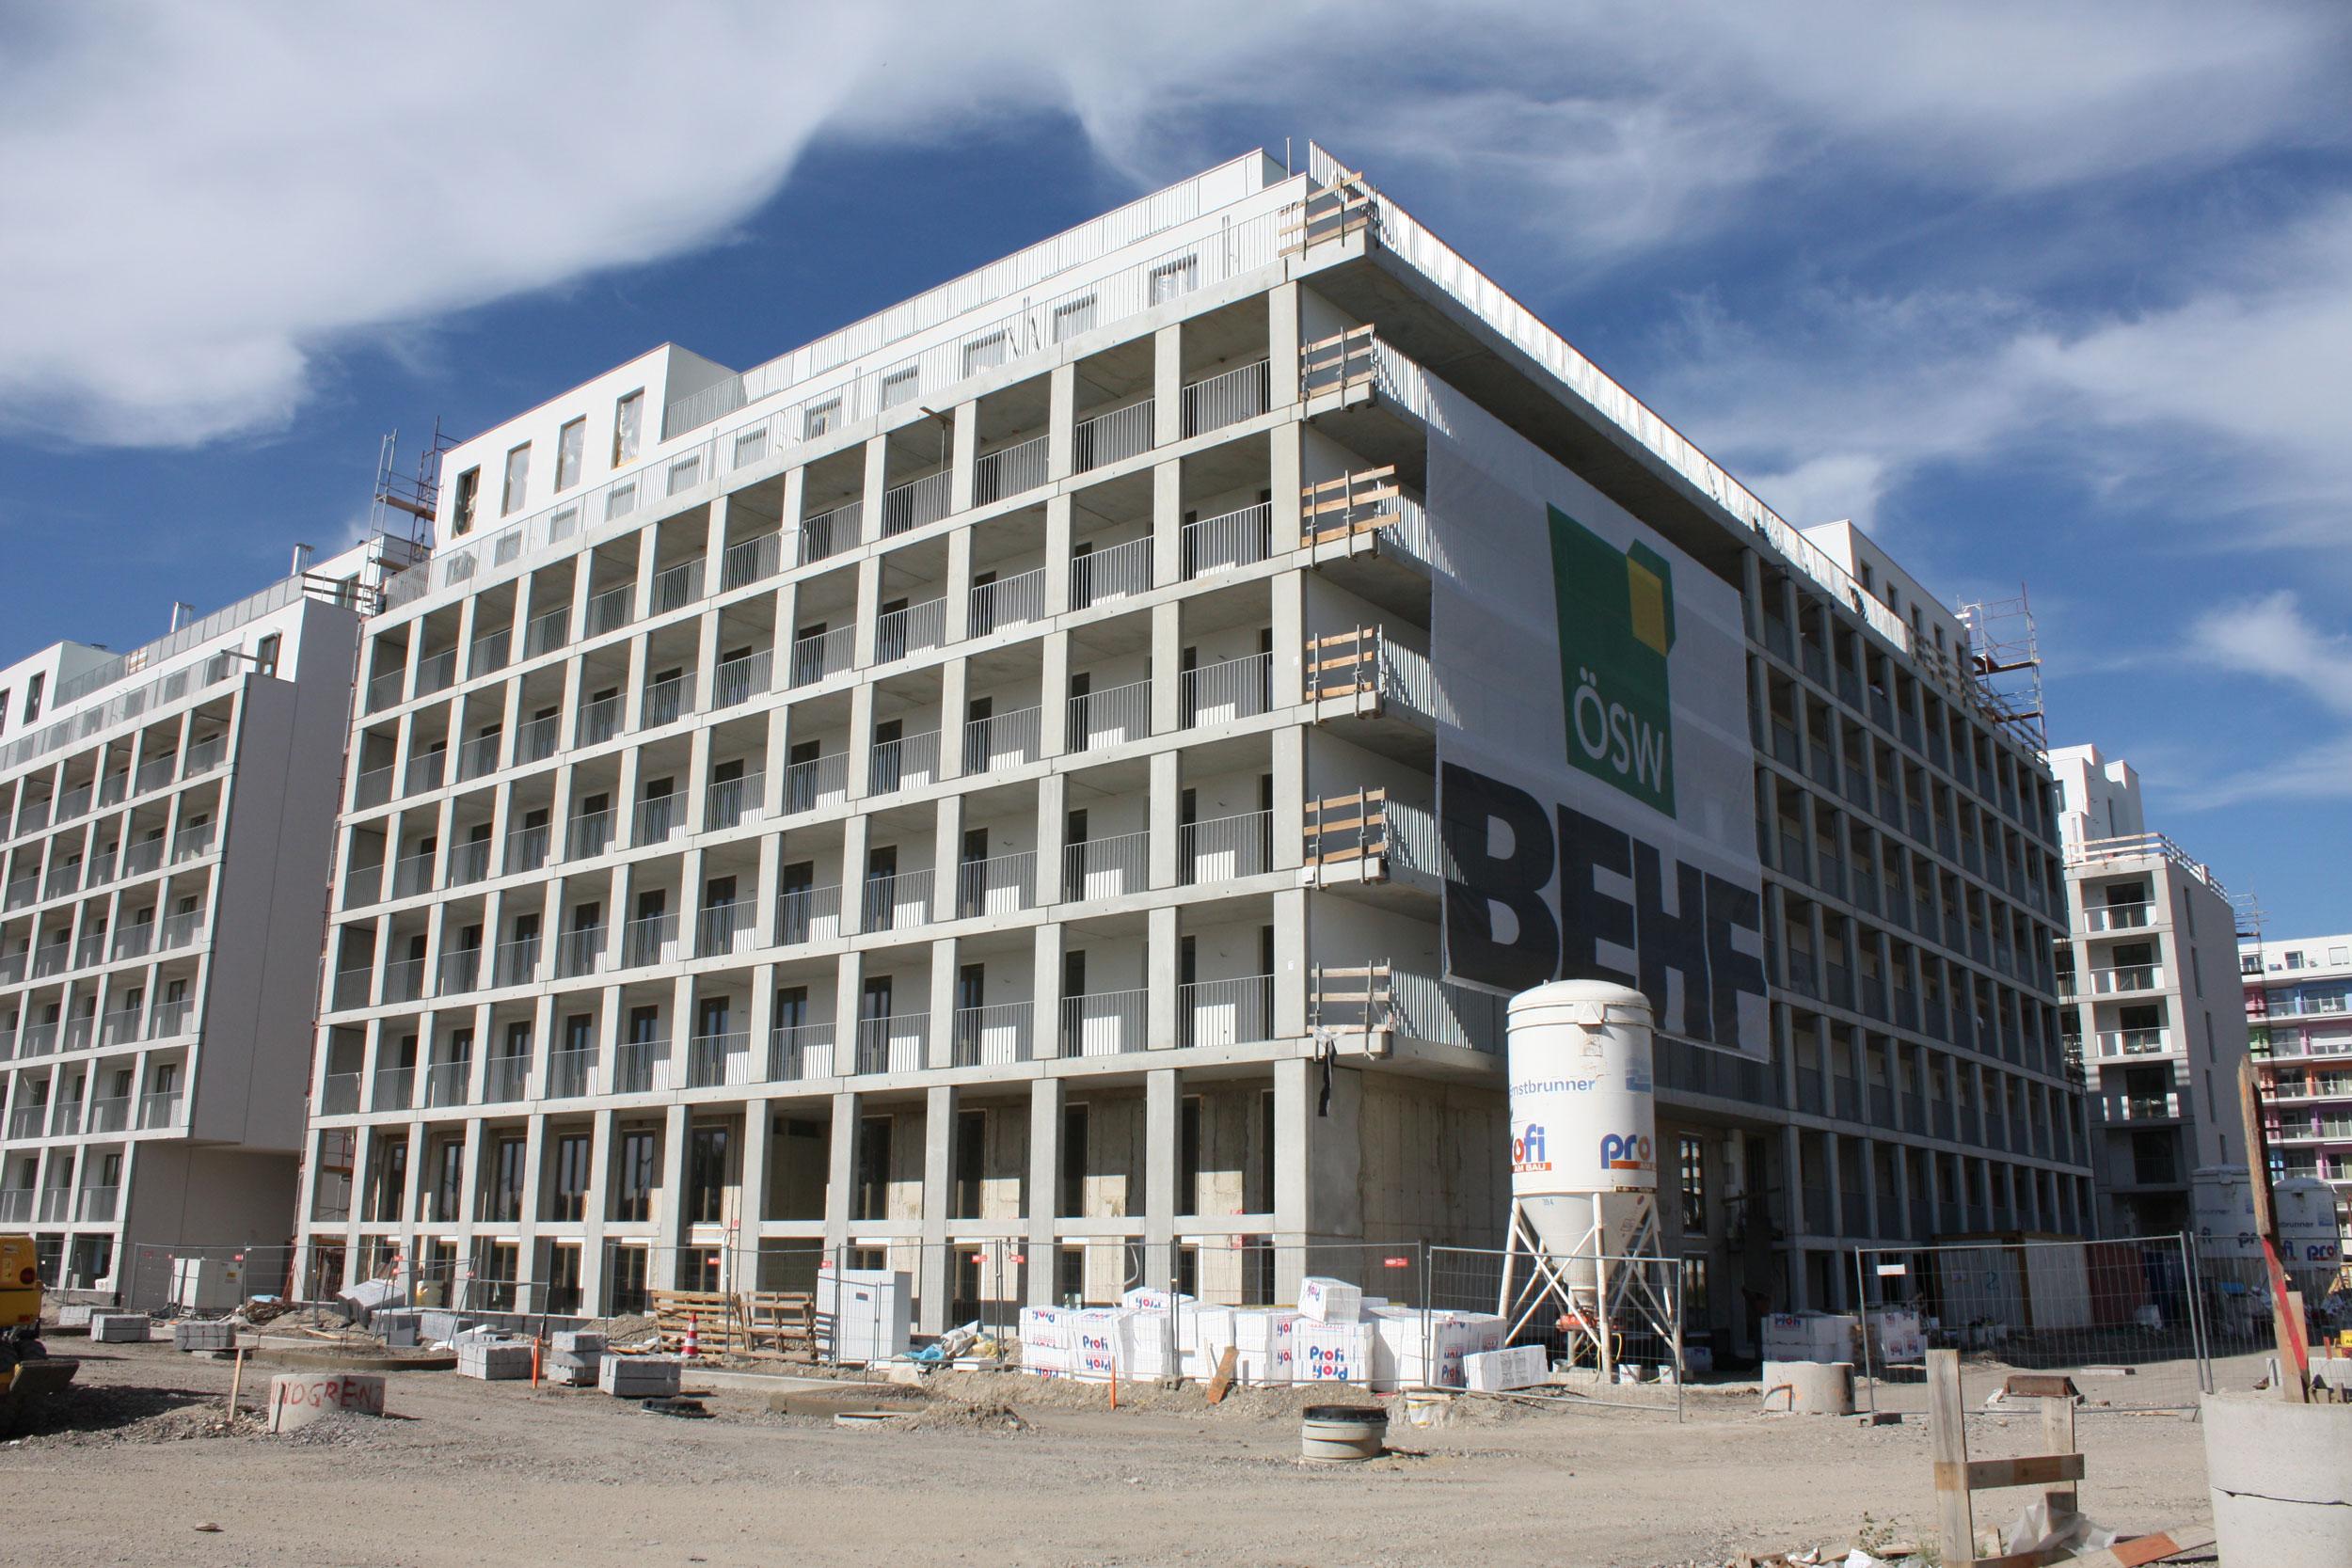 Baustelle Citycom2_ÖSW_BEHF Architekten